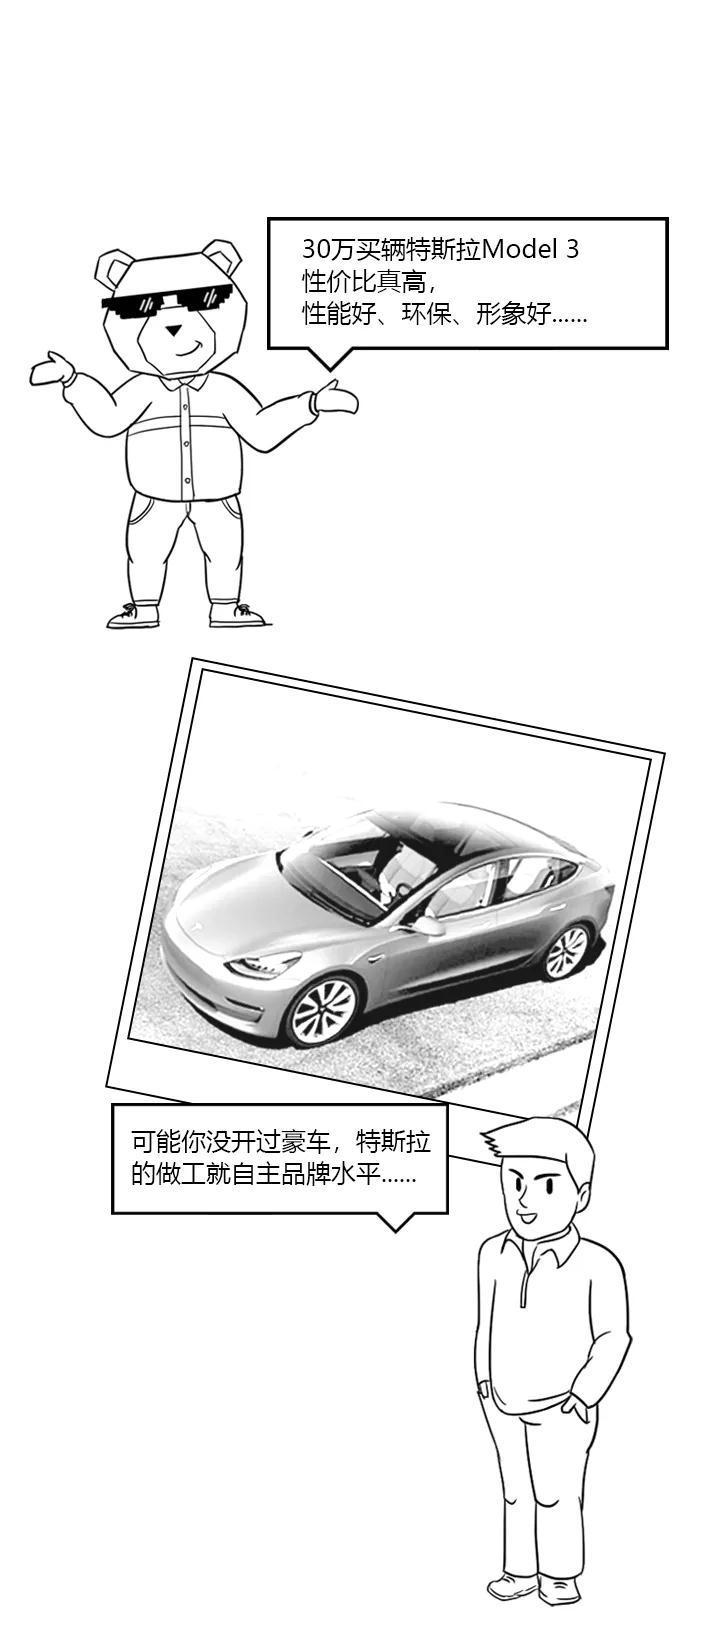 买电动车还是燃油车?双方车主互相看不起对方......